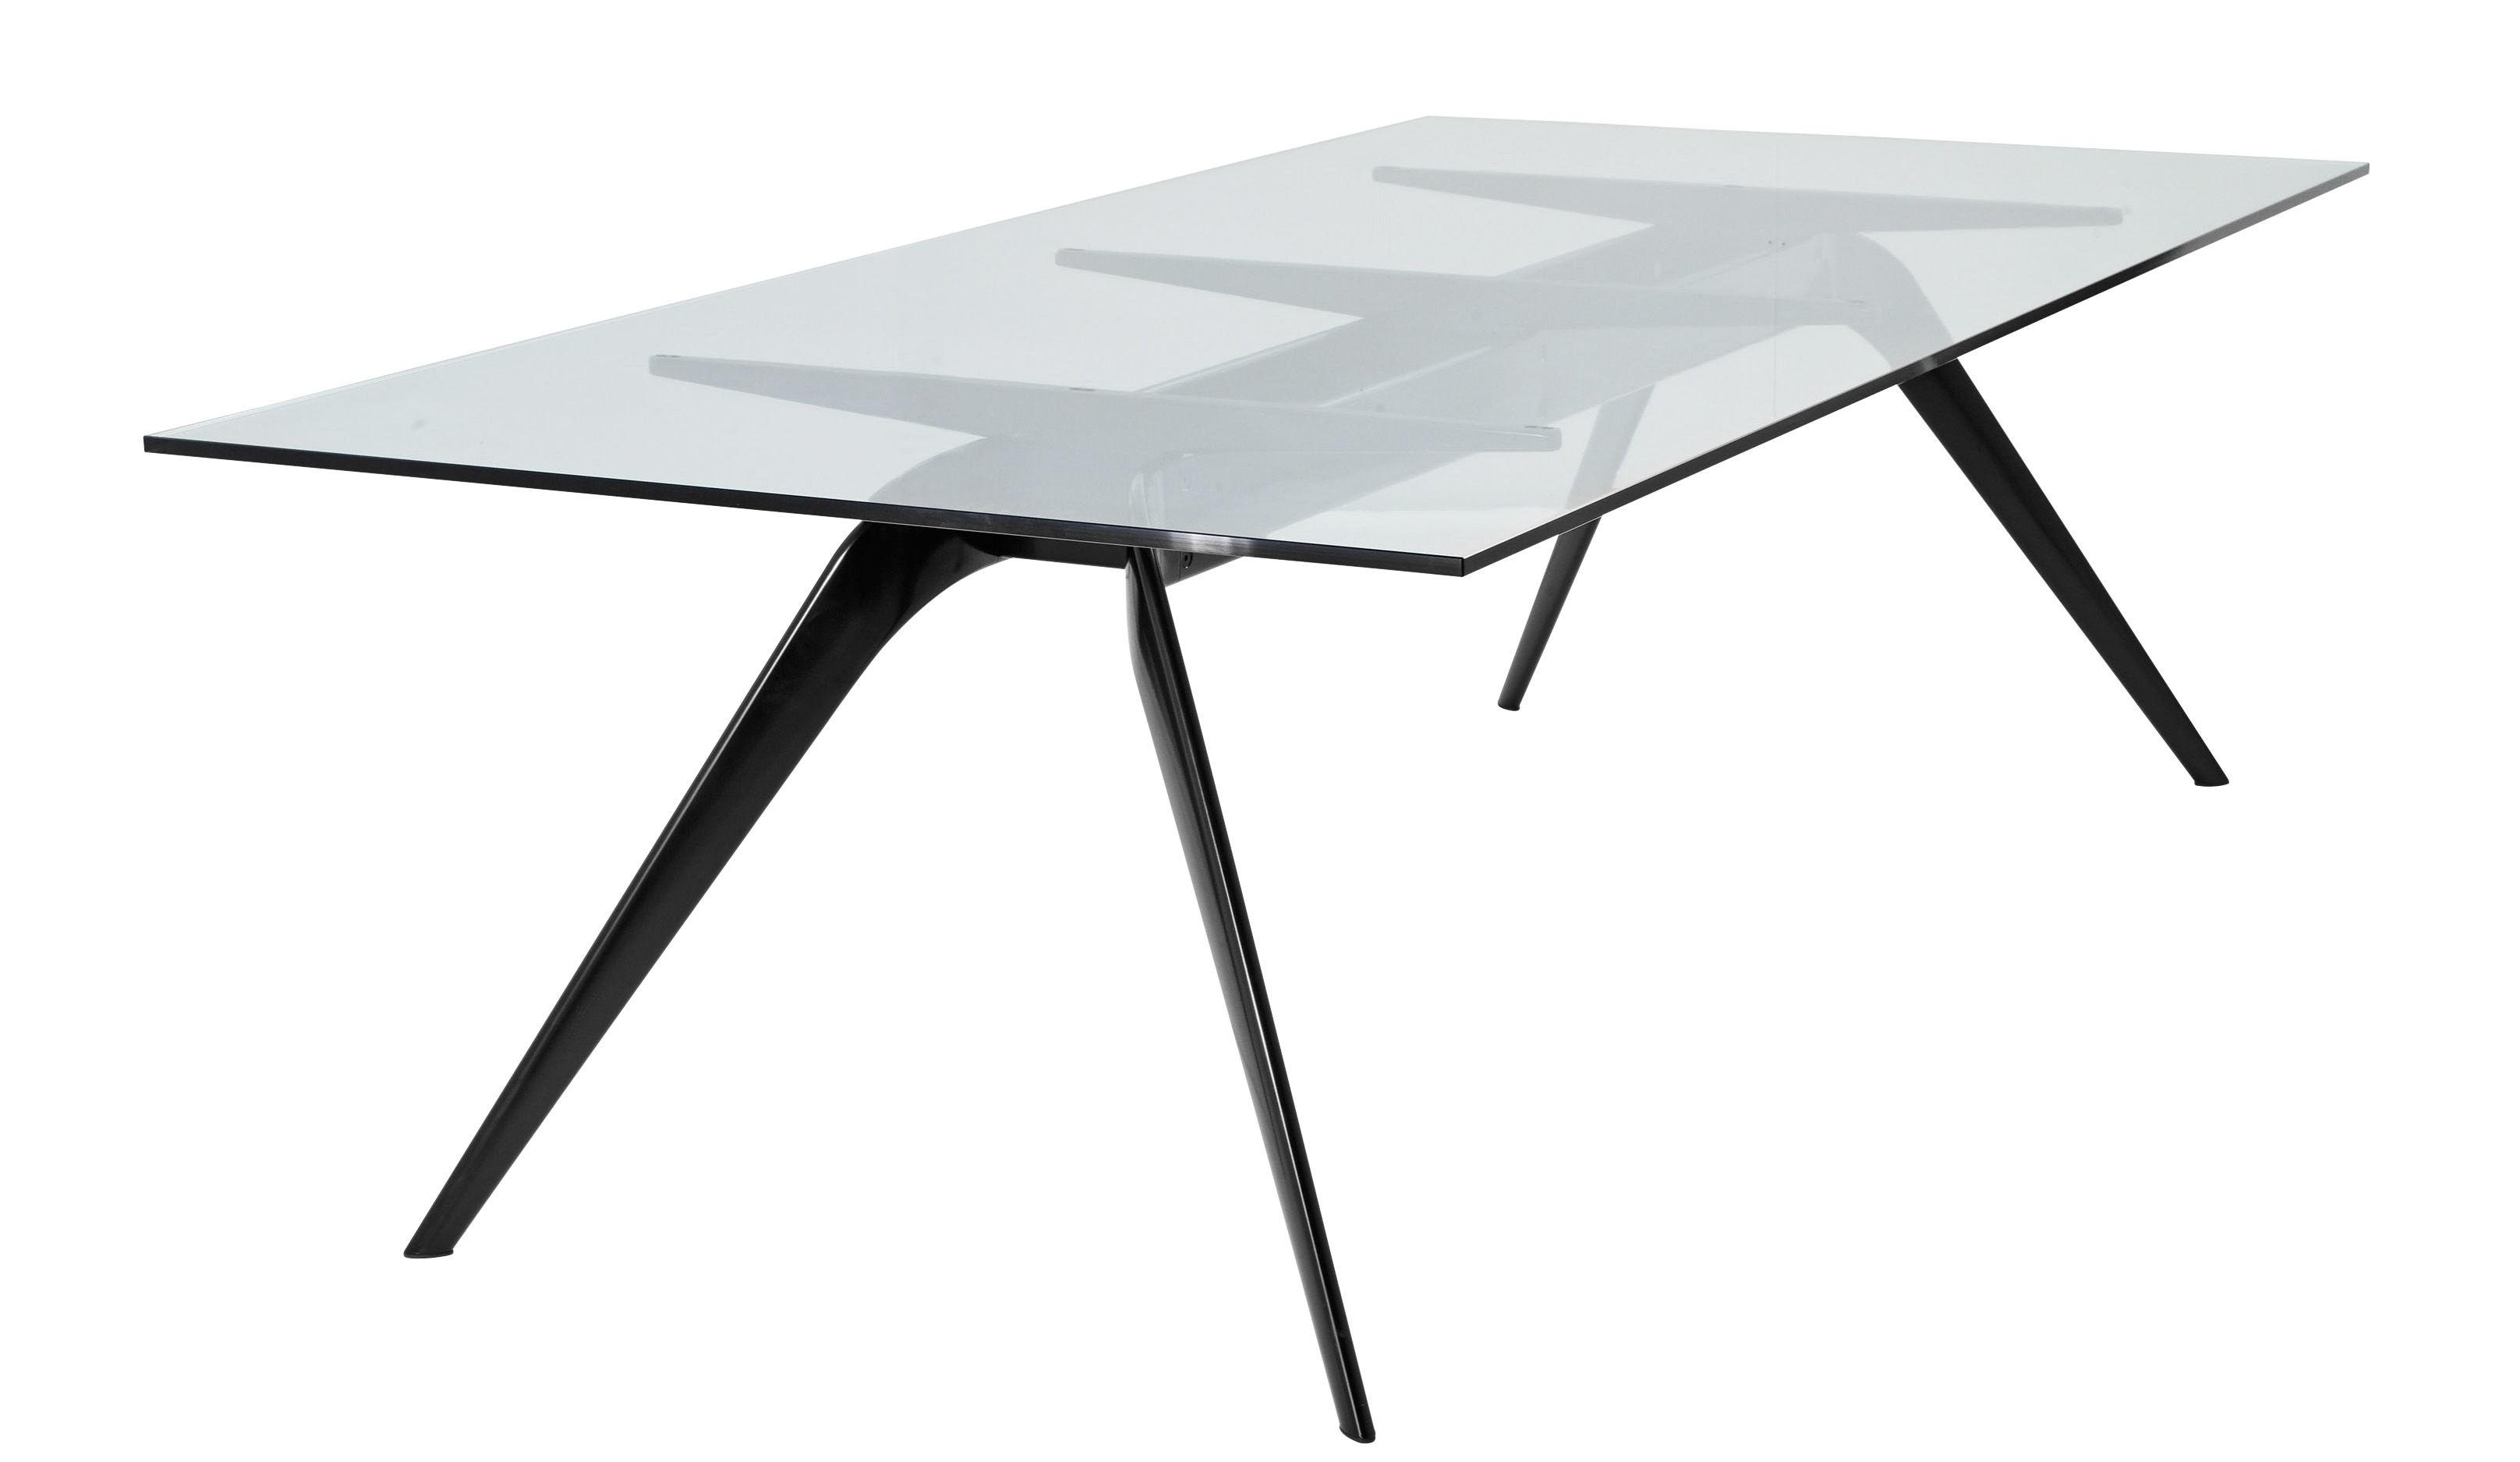 t no 1 tisch 200 x 100 cm 200 cm x 100 cm gestell schwarz glasplatte by fritz hansen. Black Bedroom Furniture Sets. Home Design Ideas